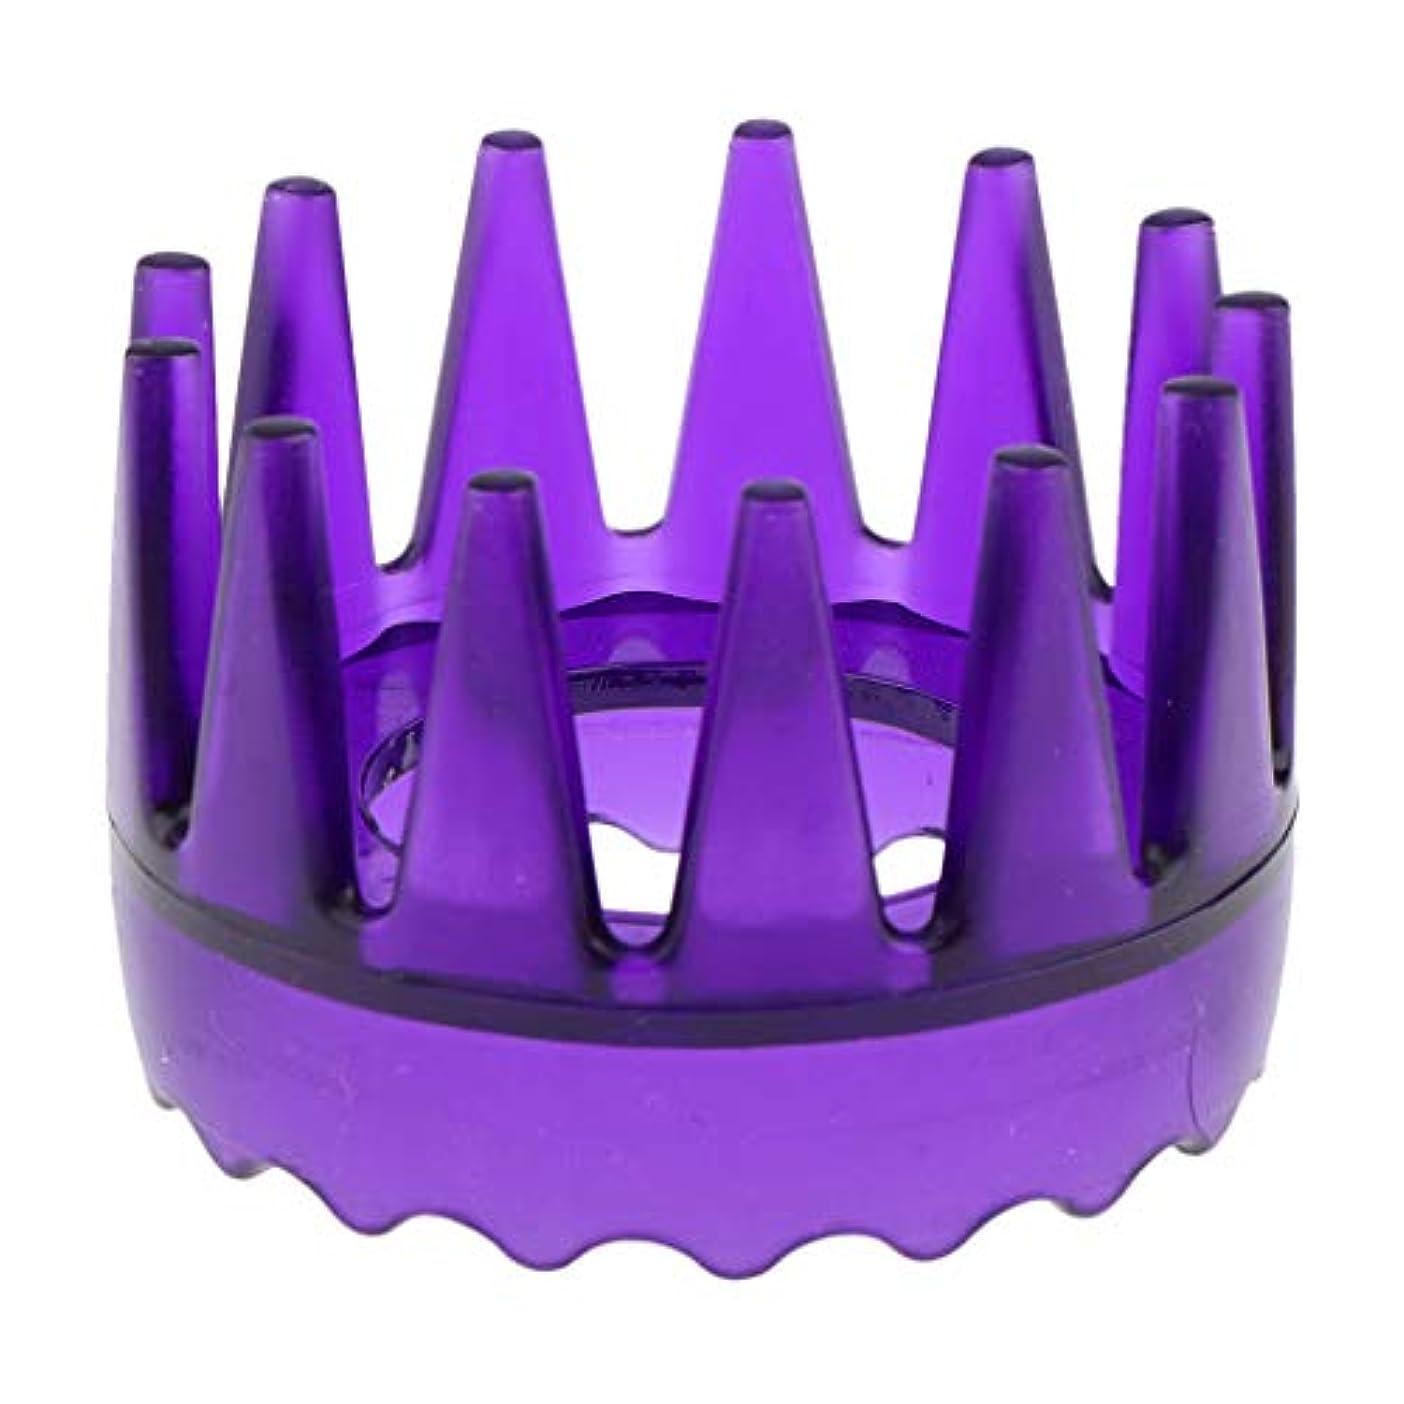 平和いくつかのシティ頭皮マッサージブラシ ヘアブラシ ヘアコーム ヘアケア シャワー 洗髪櫛 滑り止め 全4色 - 紫